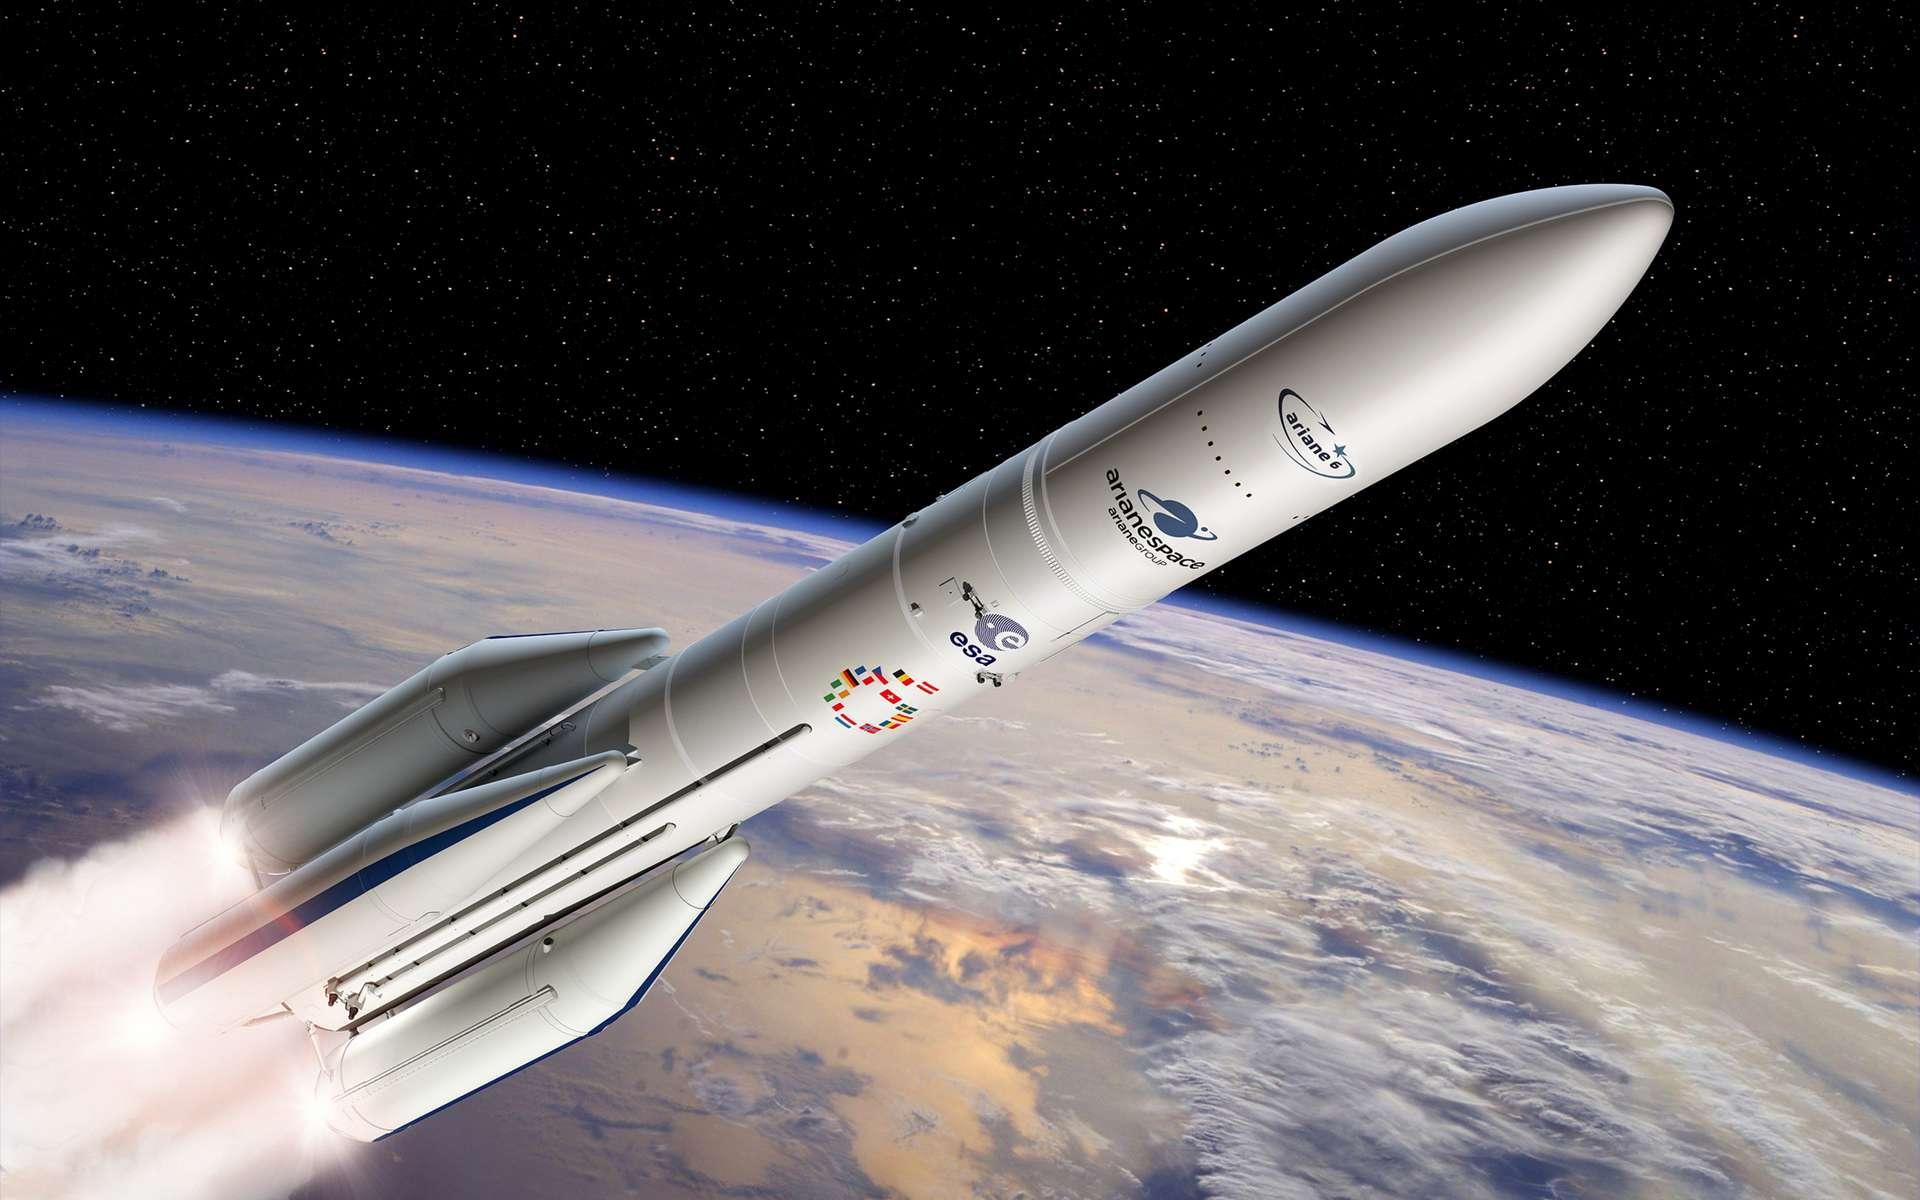 Ariane 6 existera en deux versions qui se différencieront notamment par le nombre de boosters. Deux pour la version 62, et quatre pour la version 64 qui pourra lancer deux satellites, comme Ariane 5. © ESA, D. Ducros